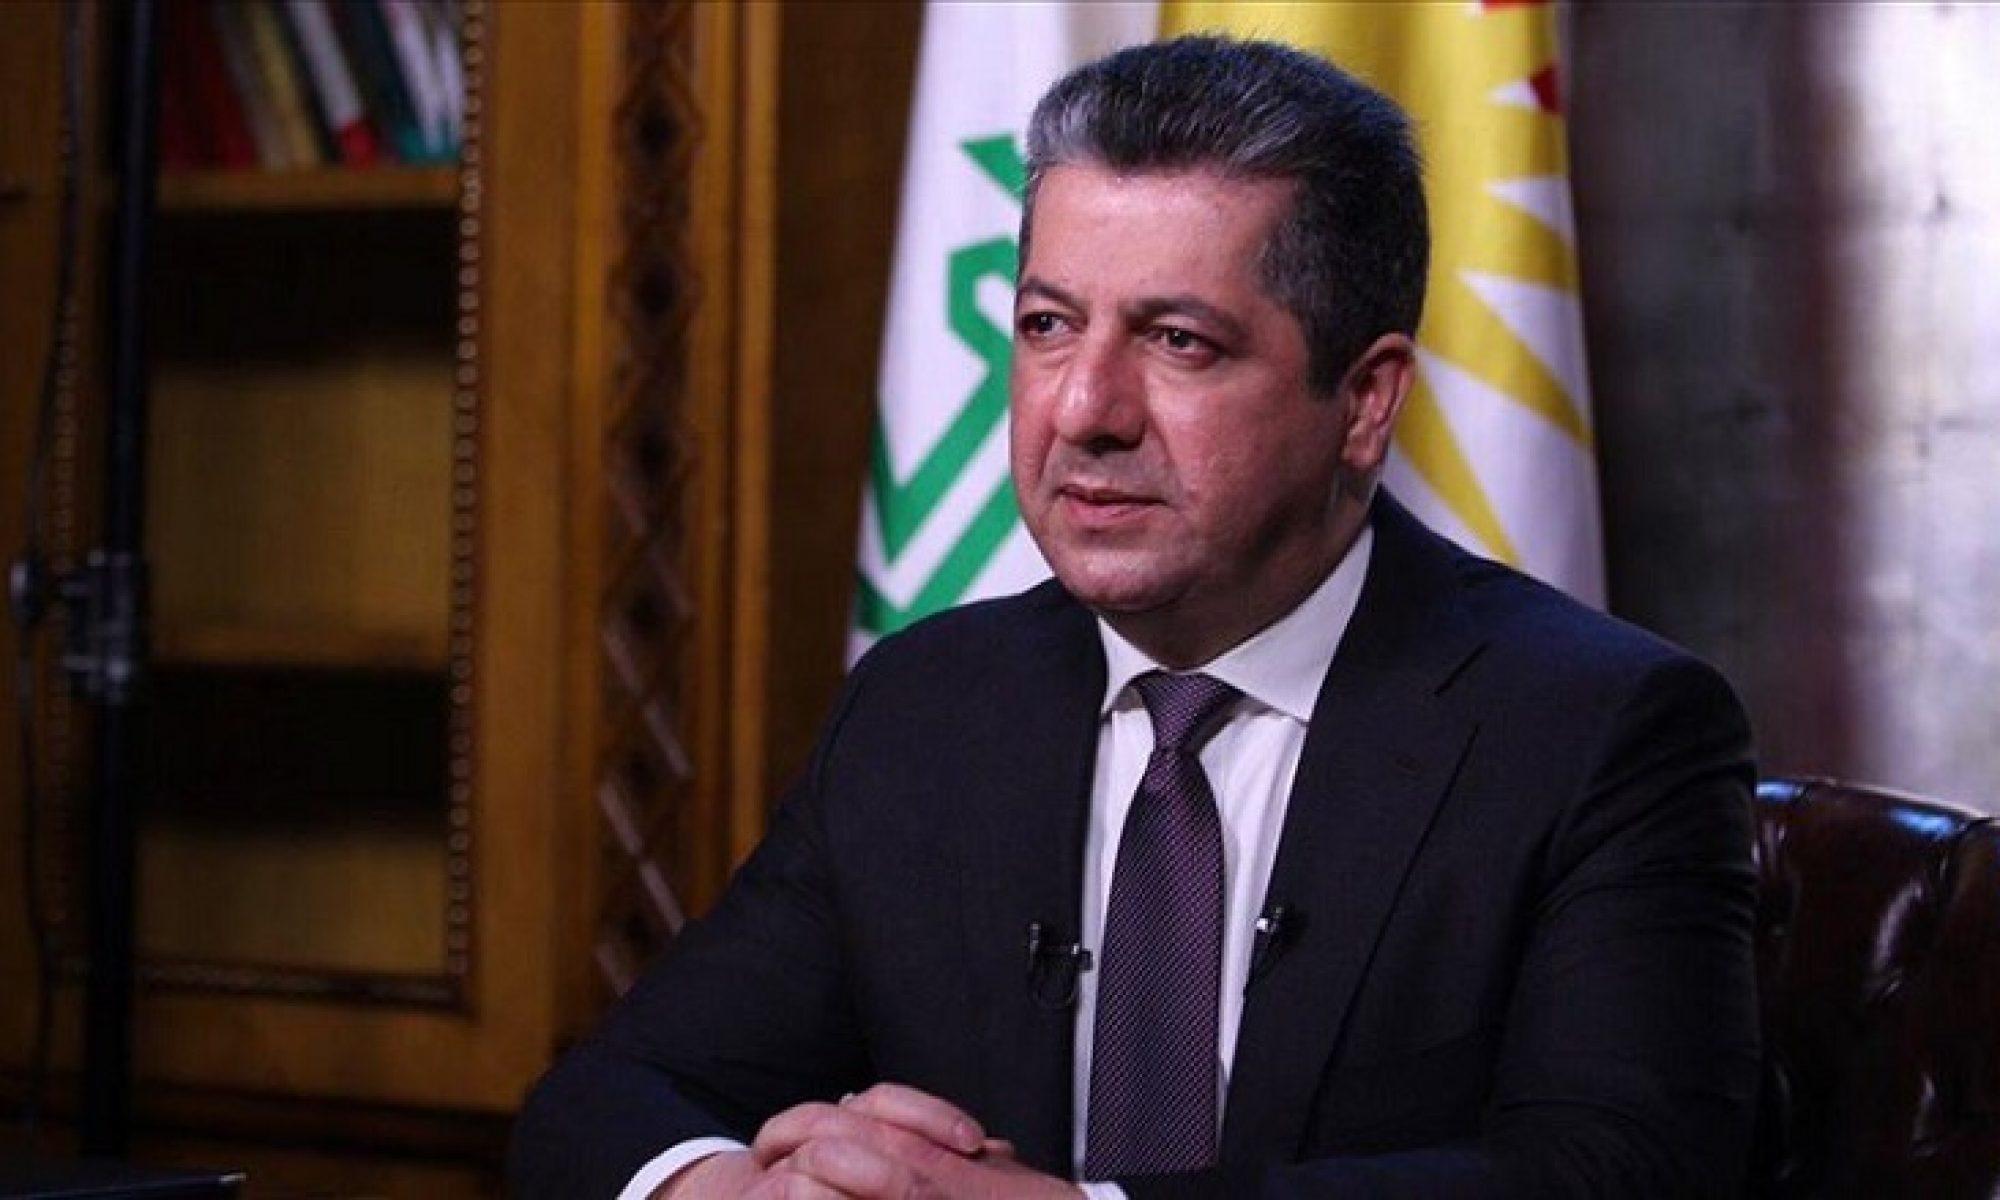 Başbakan Mesrur Barzani'den Irak parlamentosunun Kürt karşıtı kararı yorumu: Teh